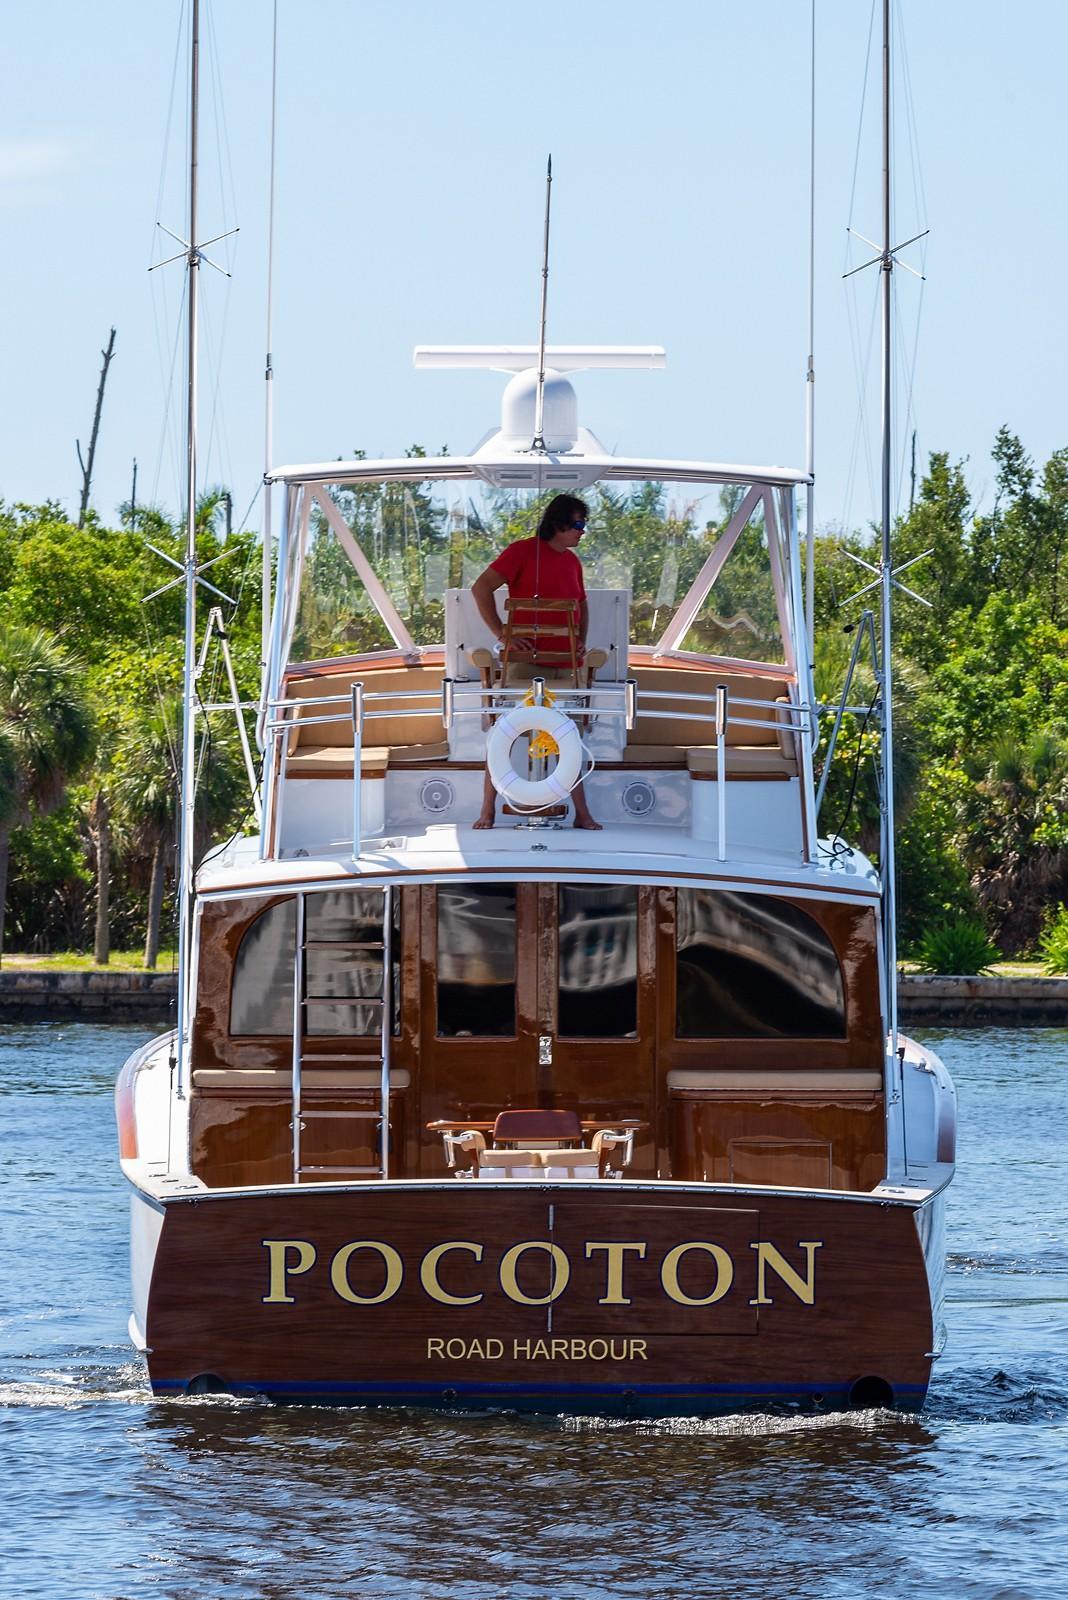 Pocoton